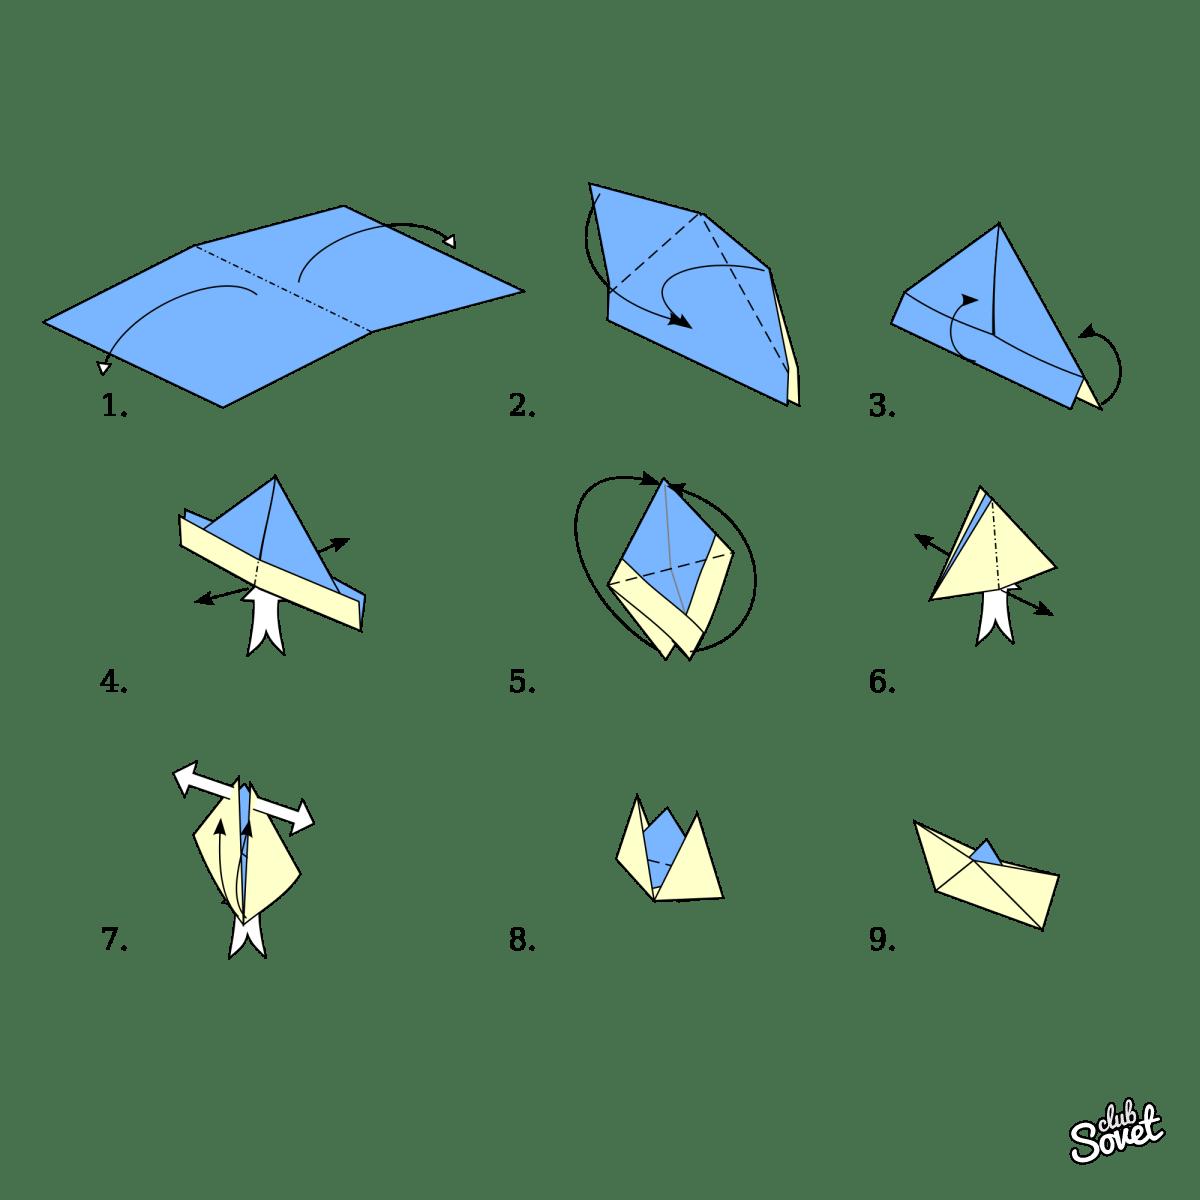 Comment Faire Un Bateau En Papier Schema D Un Bateau Rapide En Papier